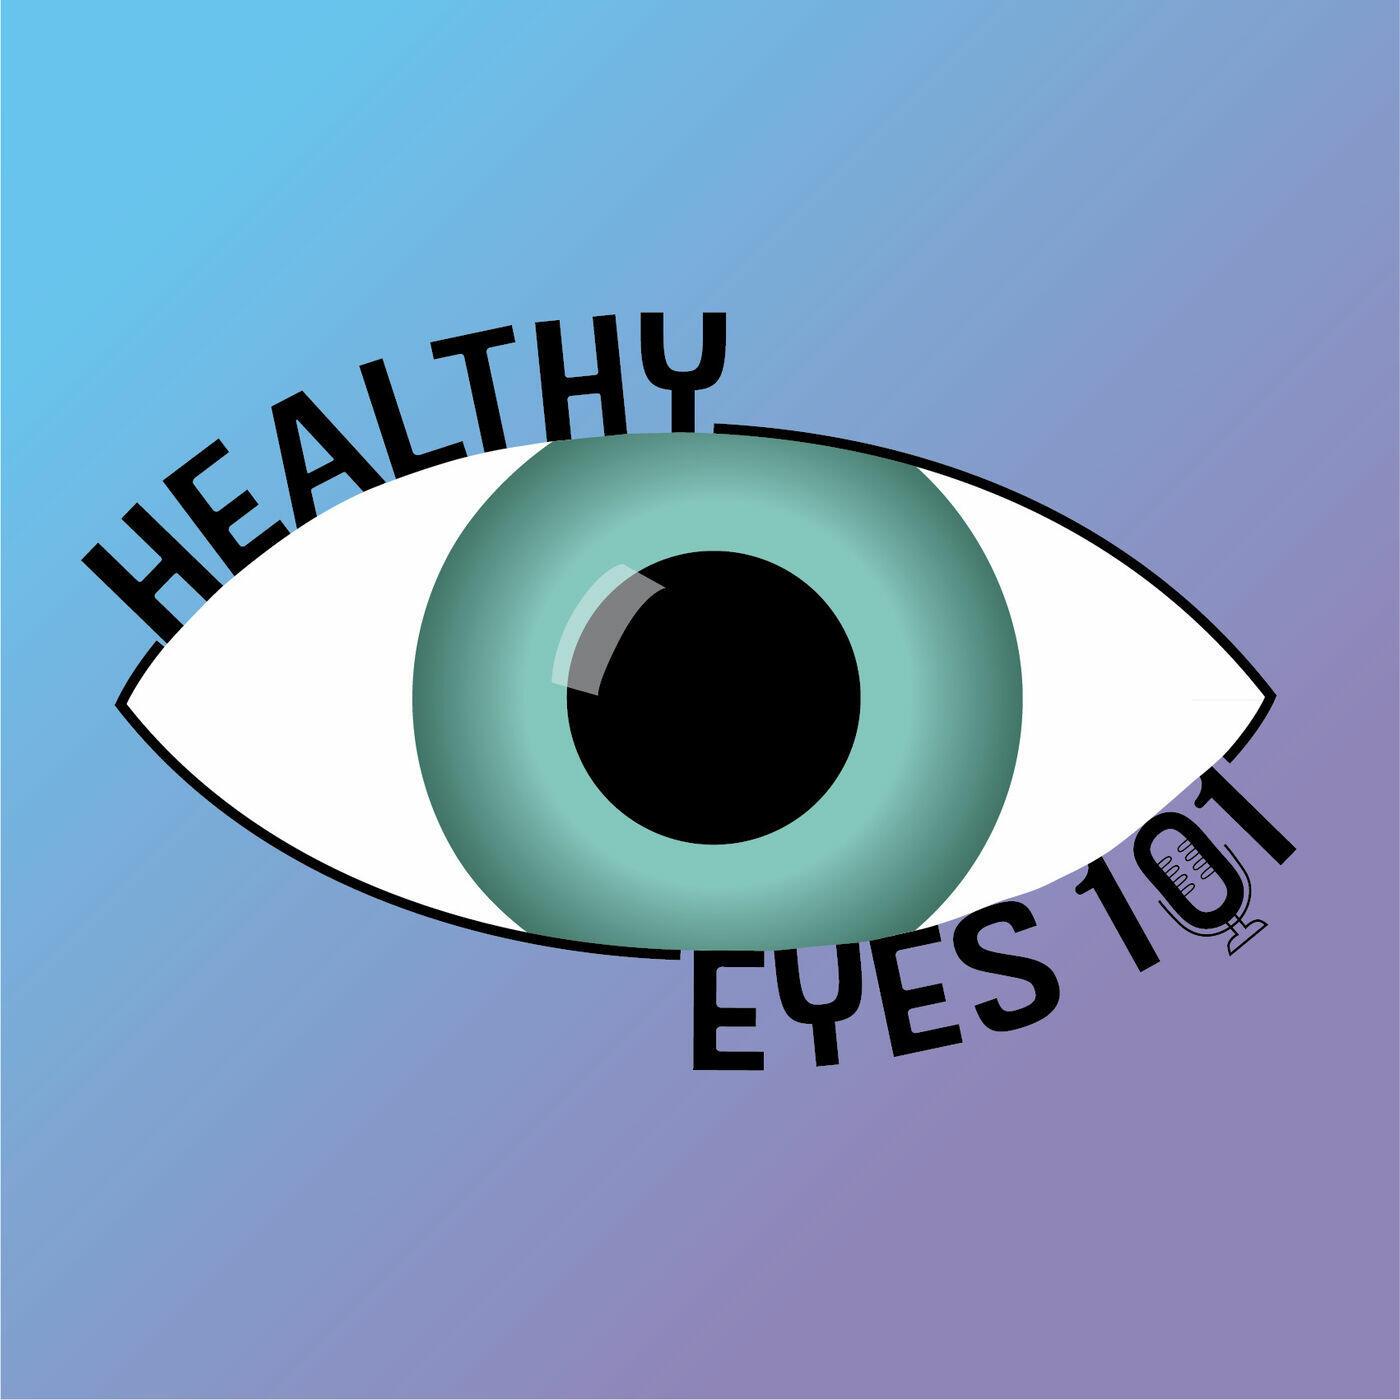 Healthy Eyes 101